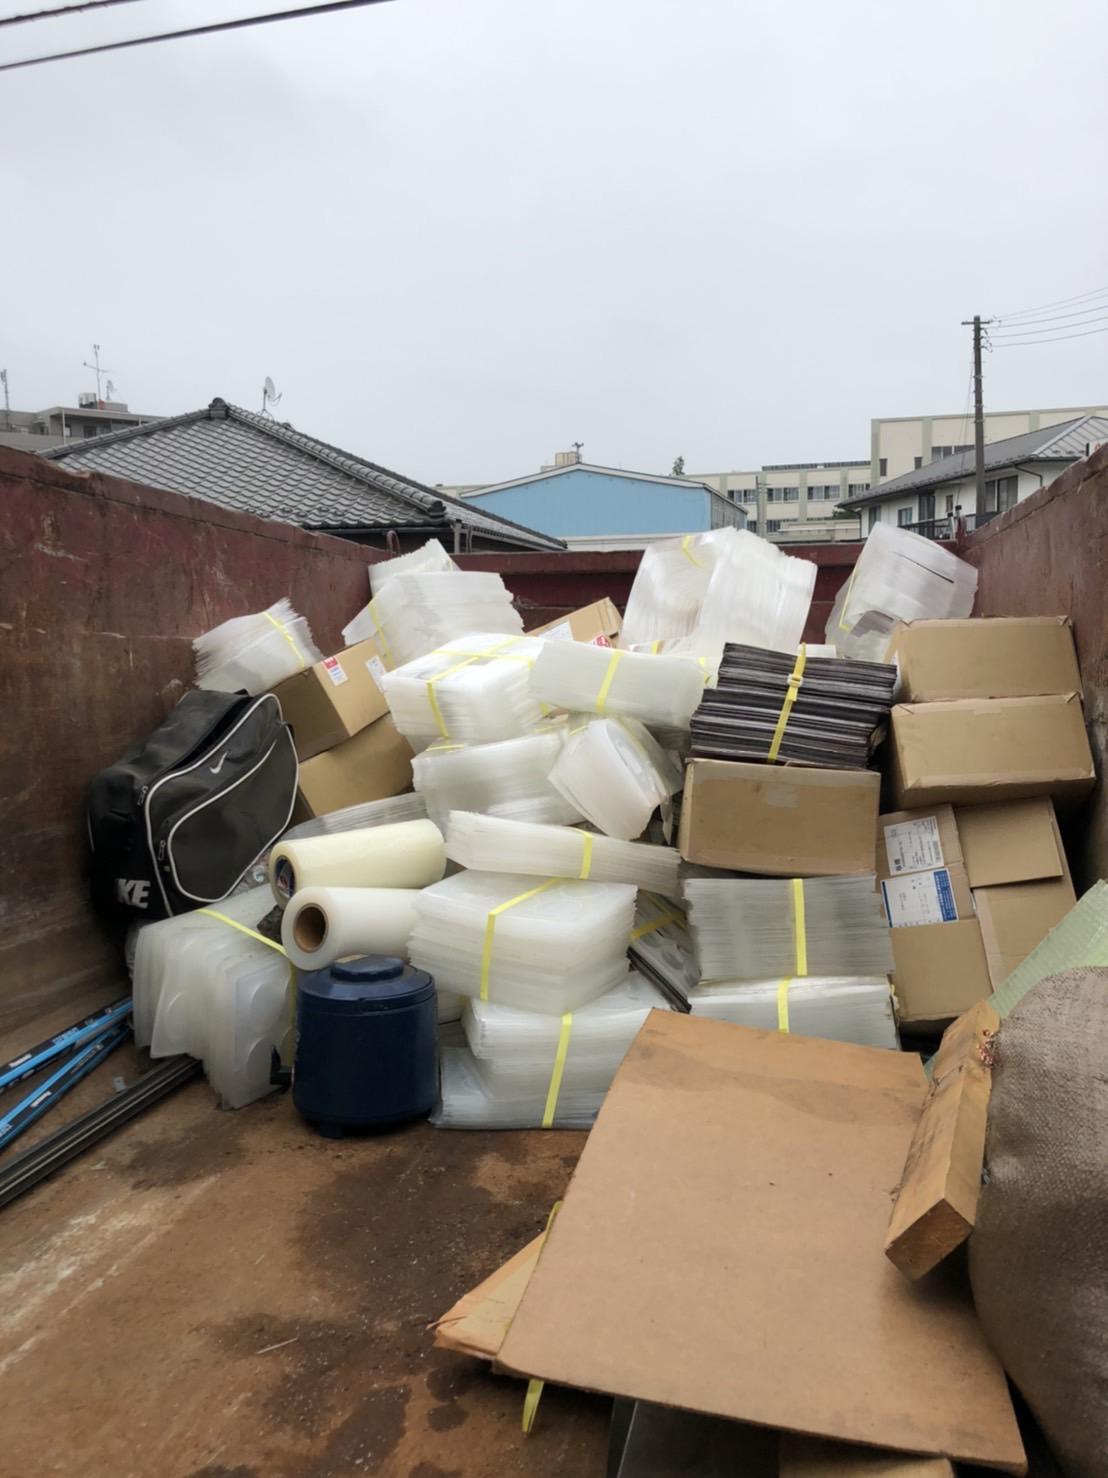 【産業廃棄物の回収処理】化学工場の廃棄物撤去を行った事例を紹介します。